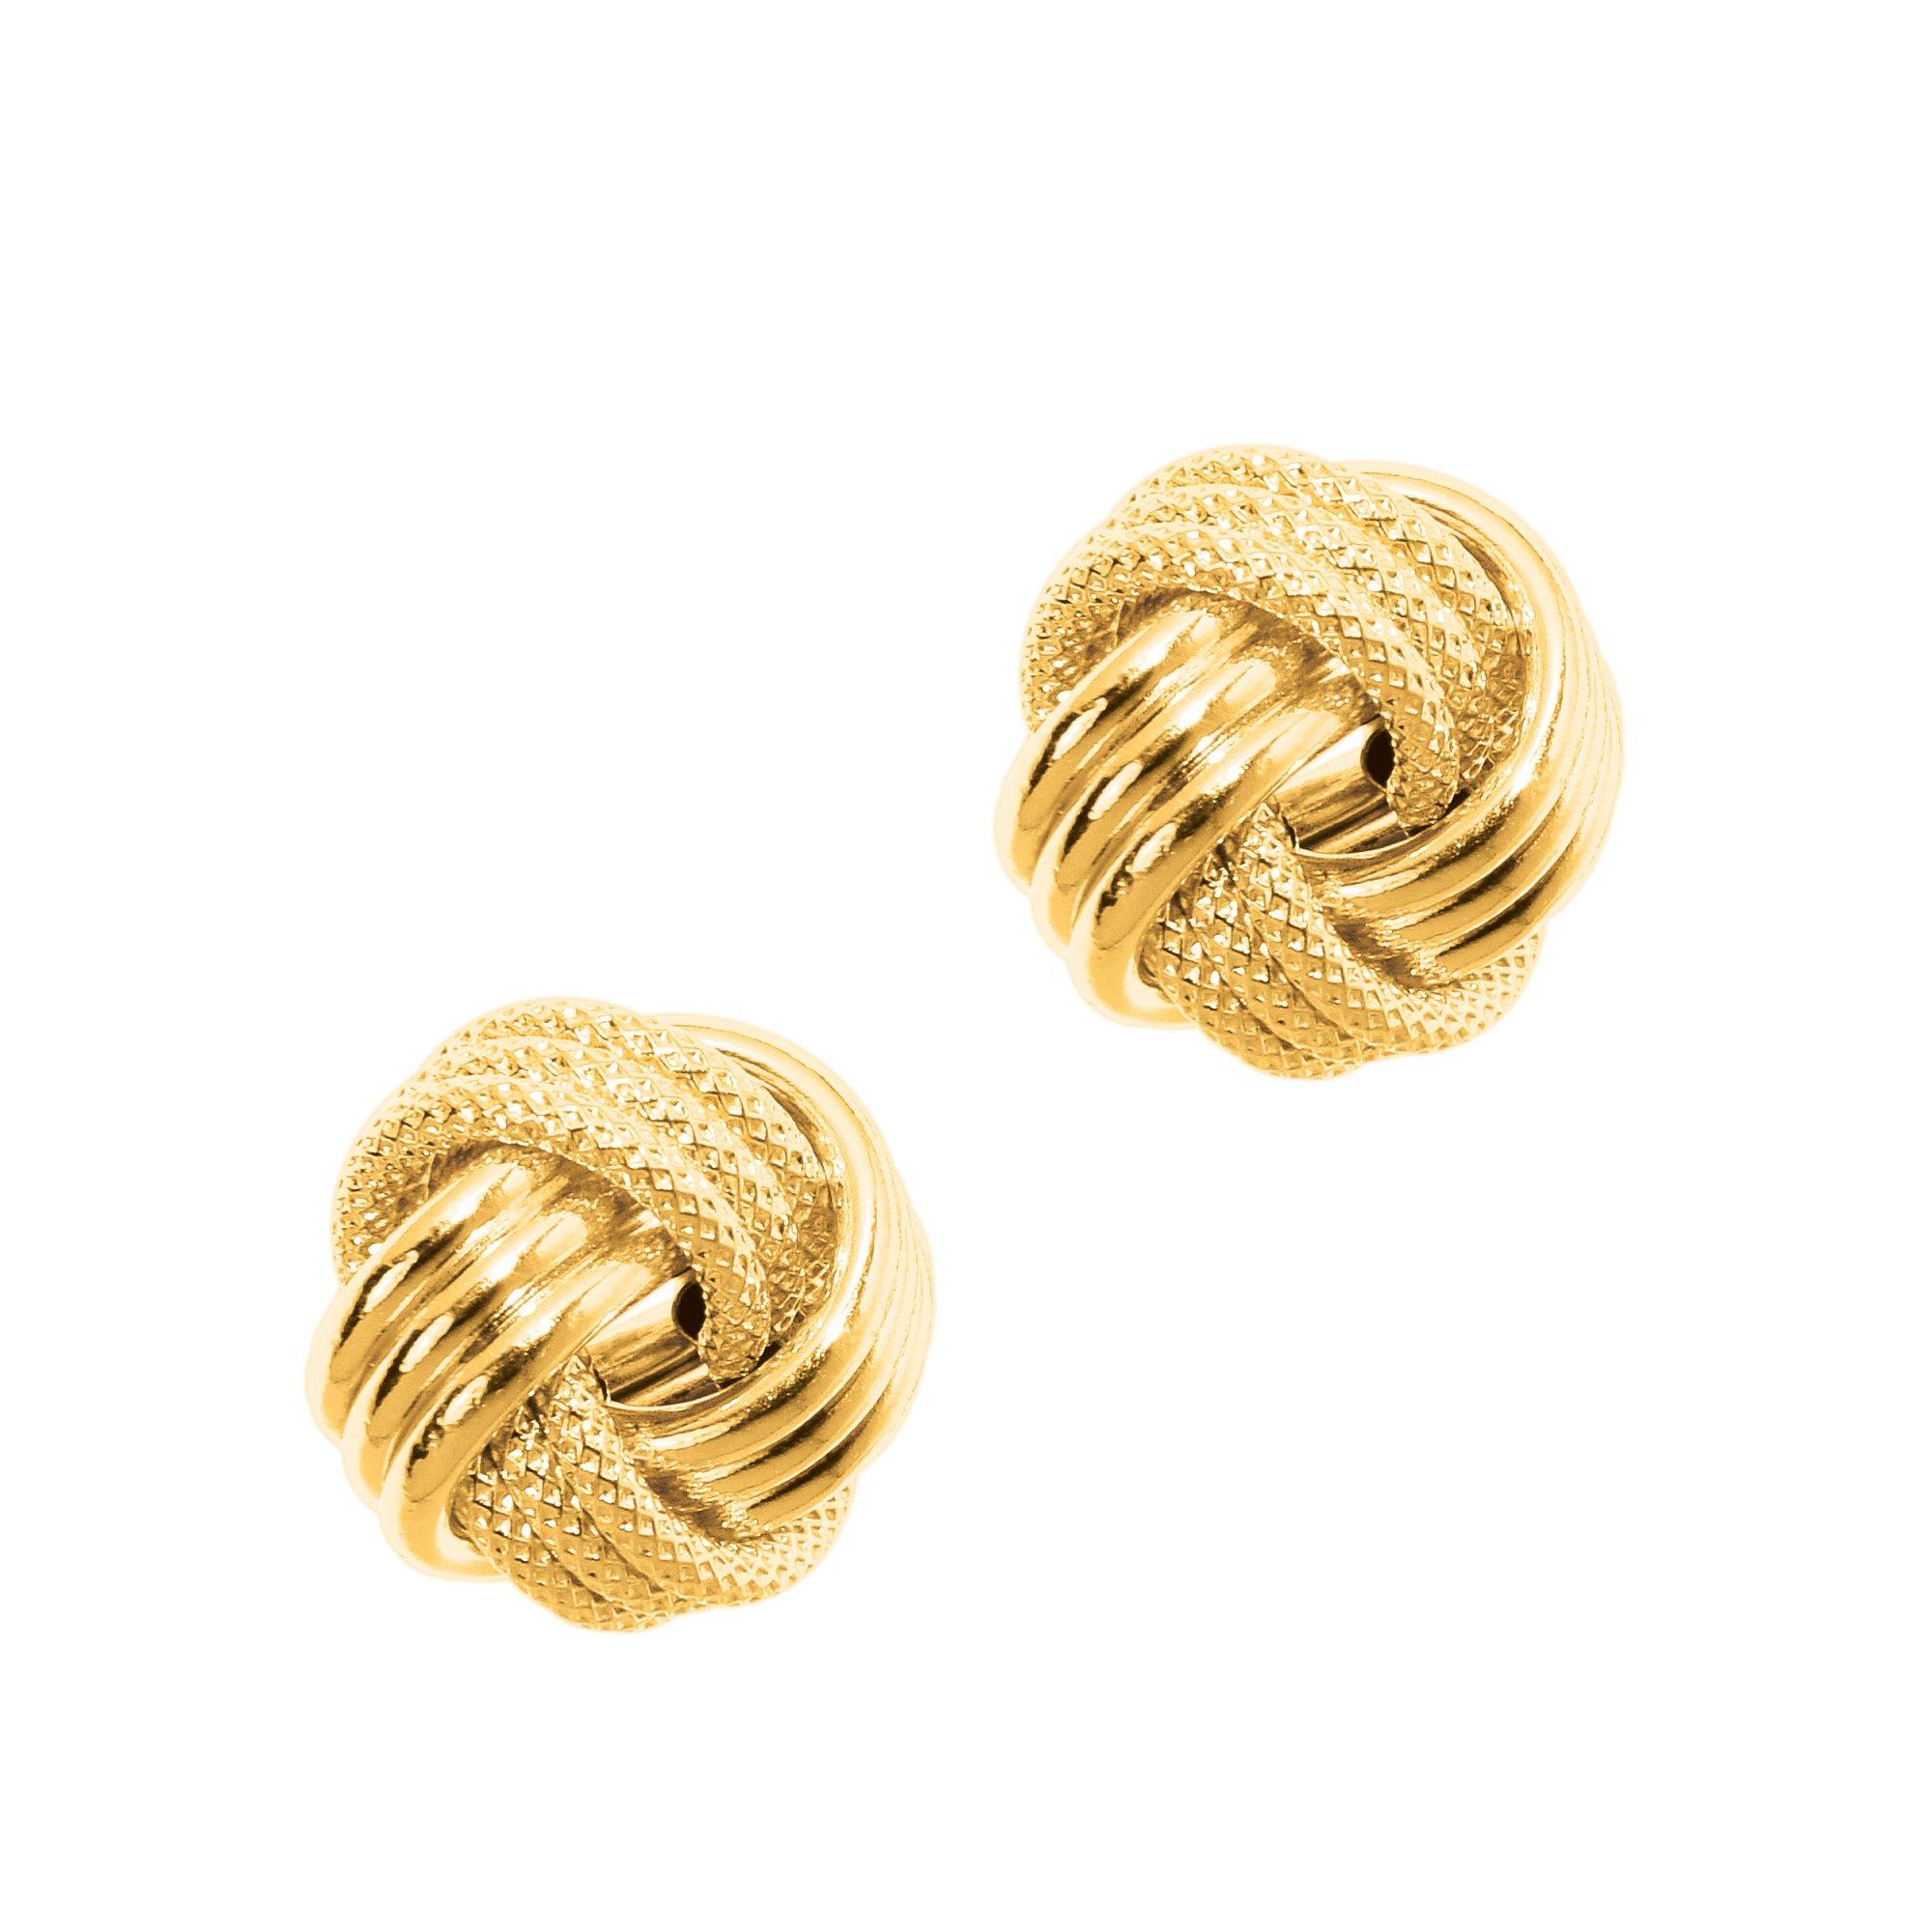 JewelStop 14k Yellow Gold Love Knot Earrings -12 mm